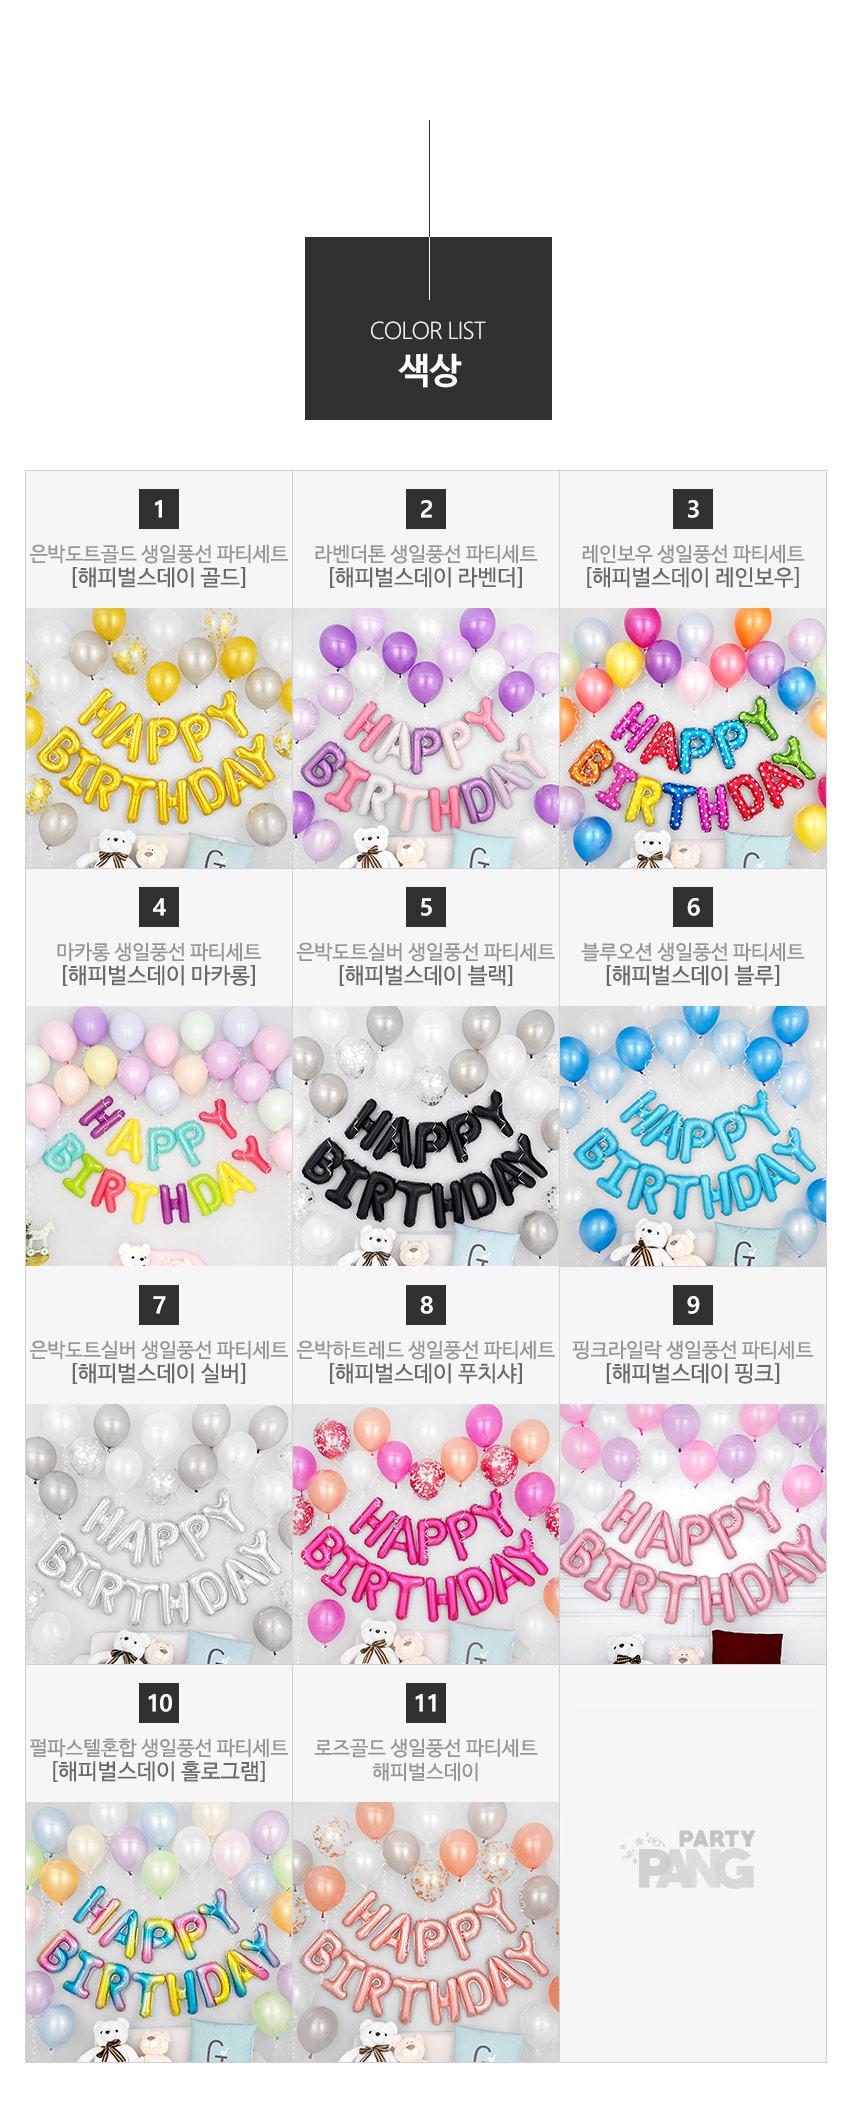 로즈골드 생일풍선 파티세트 해피벌스데이 _partypang - 파티팡, 9,800원, 파티용품, 풍선/세트